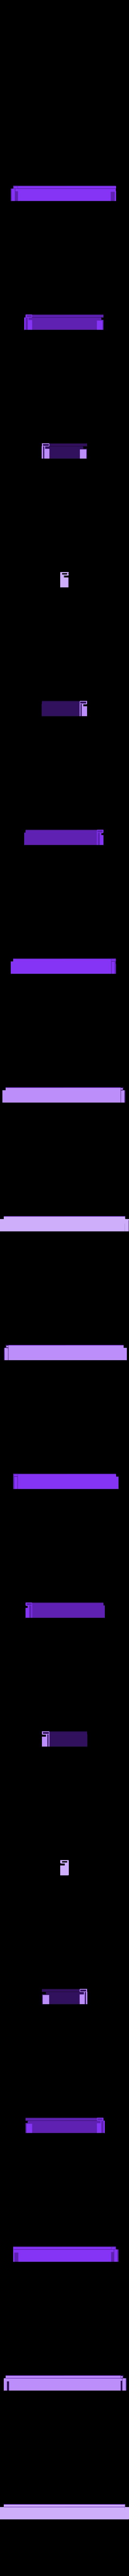 Case_Side_162_mm_Thin.STL Télécharger fichier STL gratuit Échecs démoctratiques • Modèle à imprimer en 3D, Ghashnarb